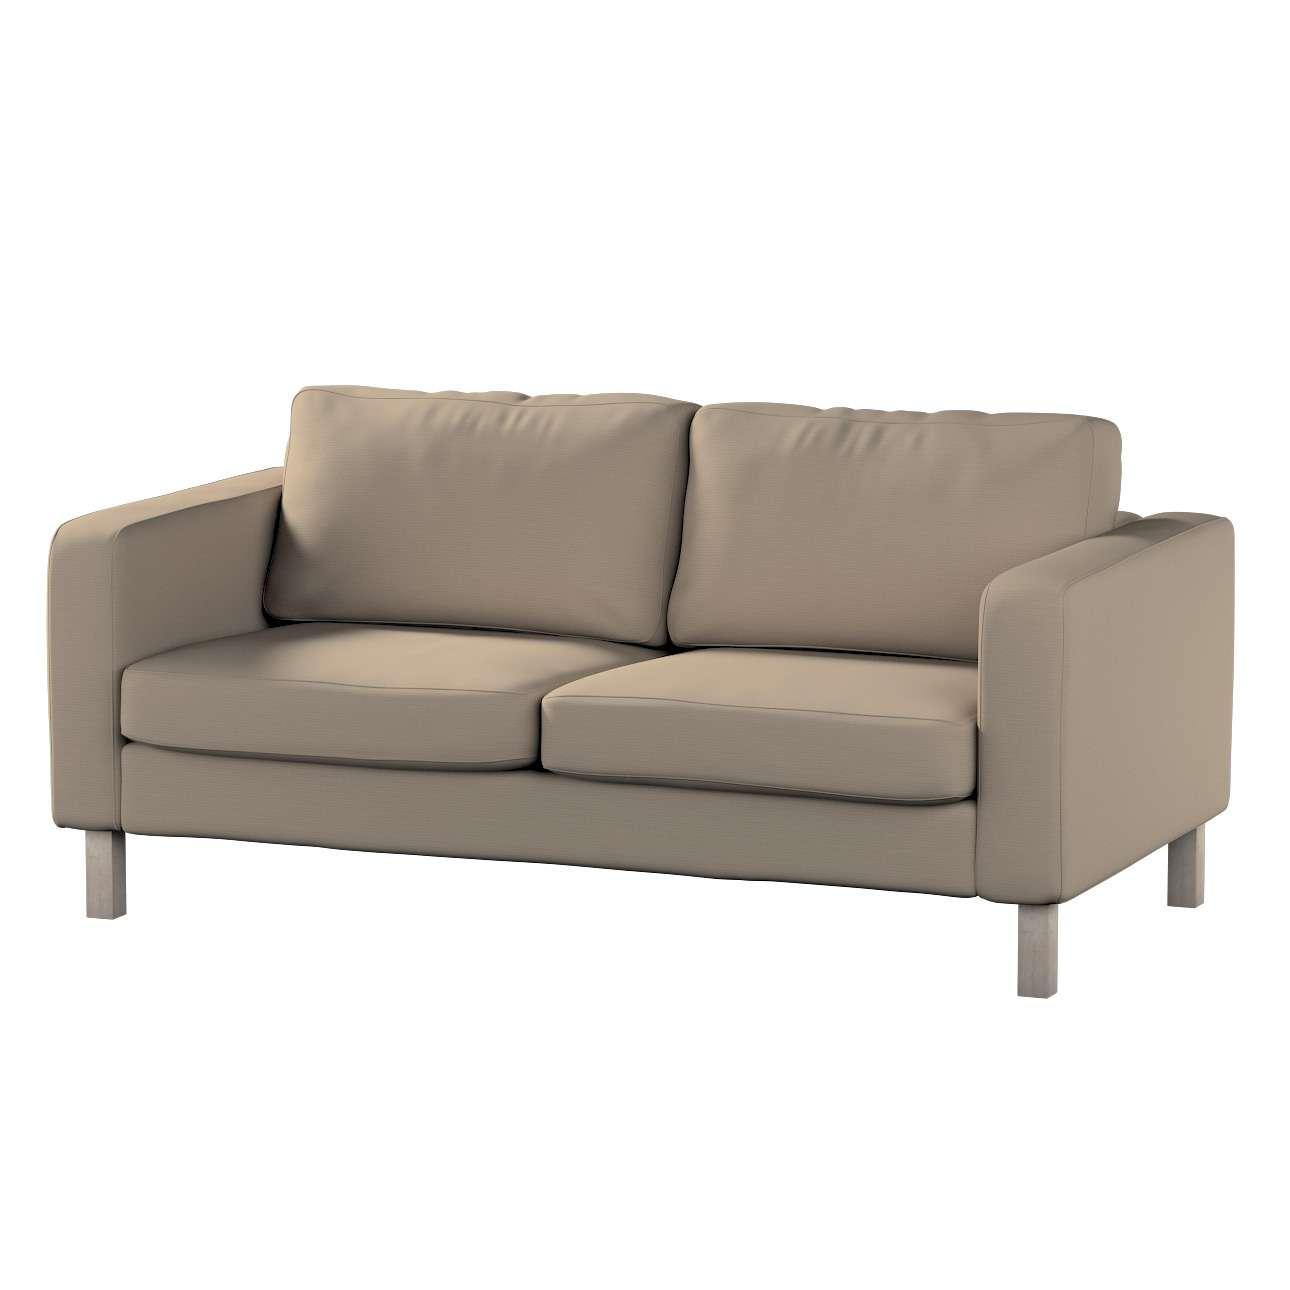 Pokrowiec na sofę Karlstad 2-osobową nierozkładaną krótki w kolekcji Cotton Panama, tkanina: 702-28